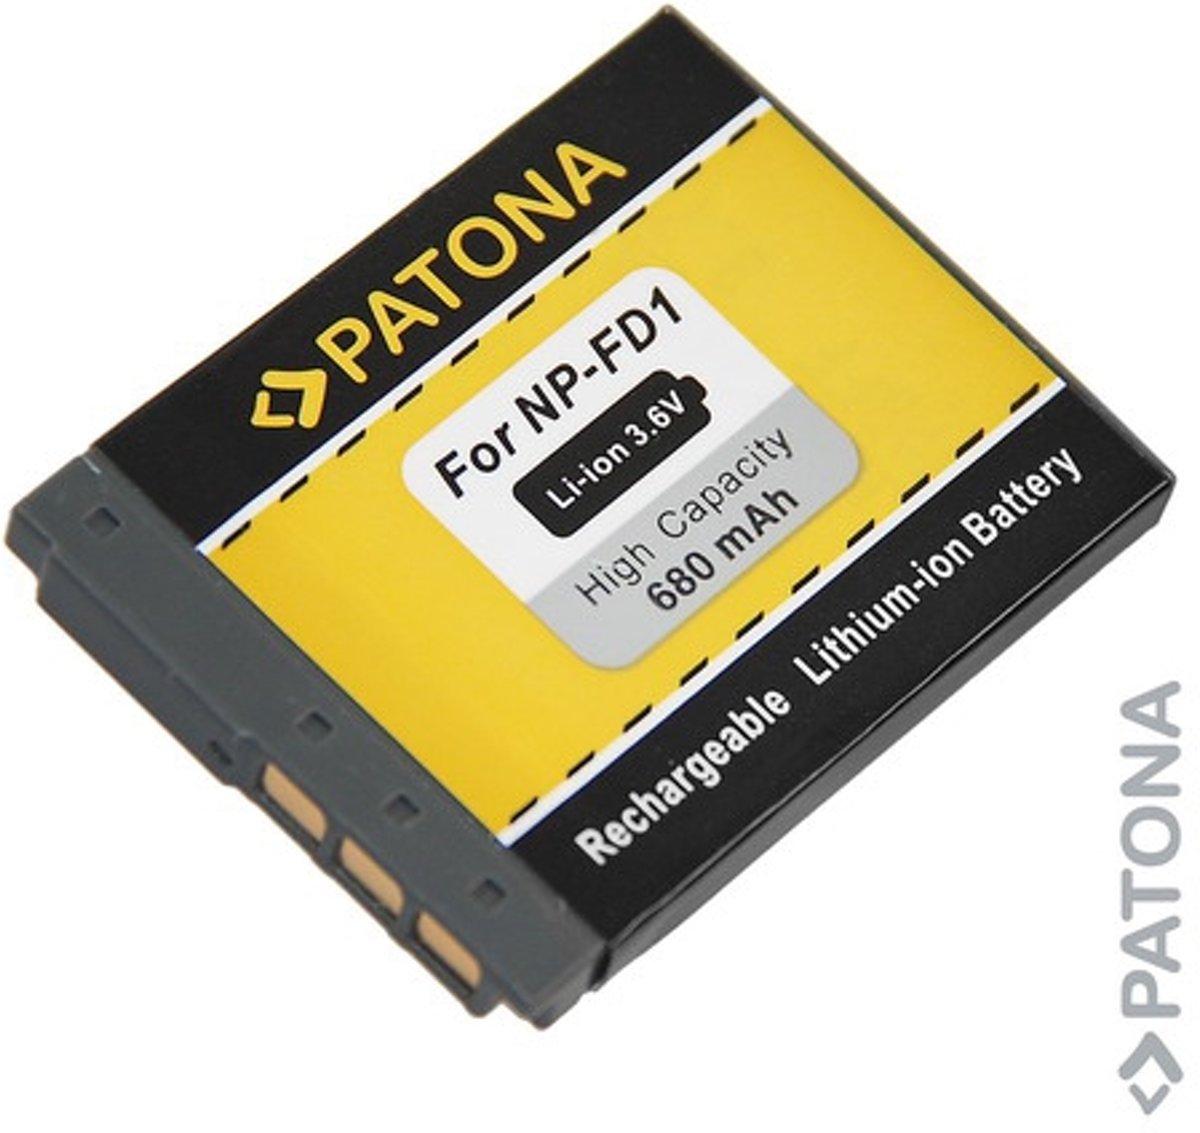 Image of Battery for SONY DSC-T200 DSC-T70 DSC-T2 NP-BD1 NPBD1 NP-FD1 (4260218591943)